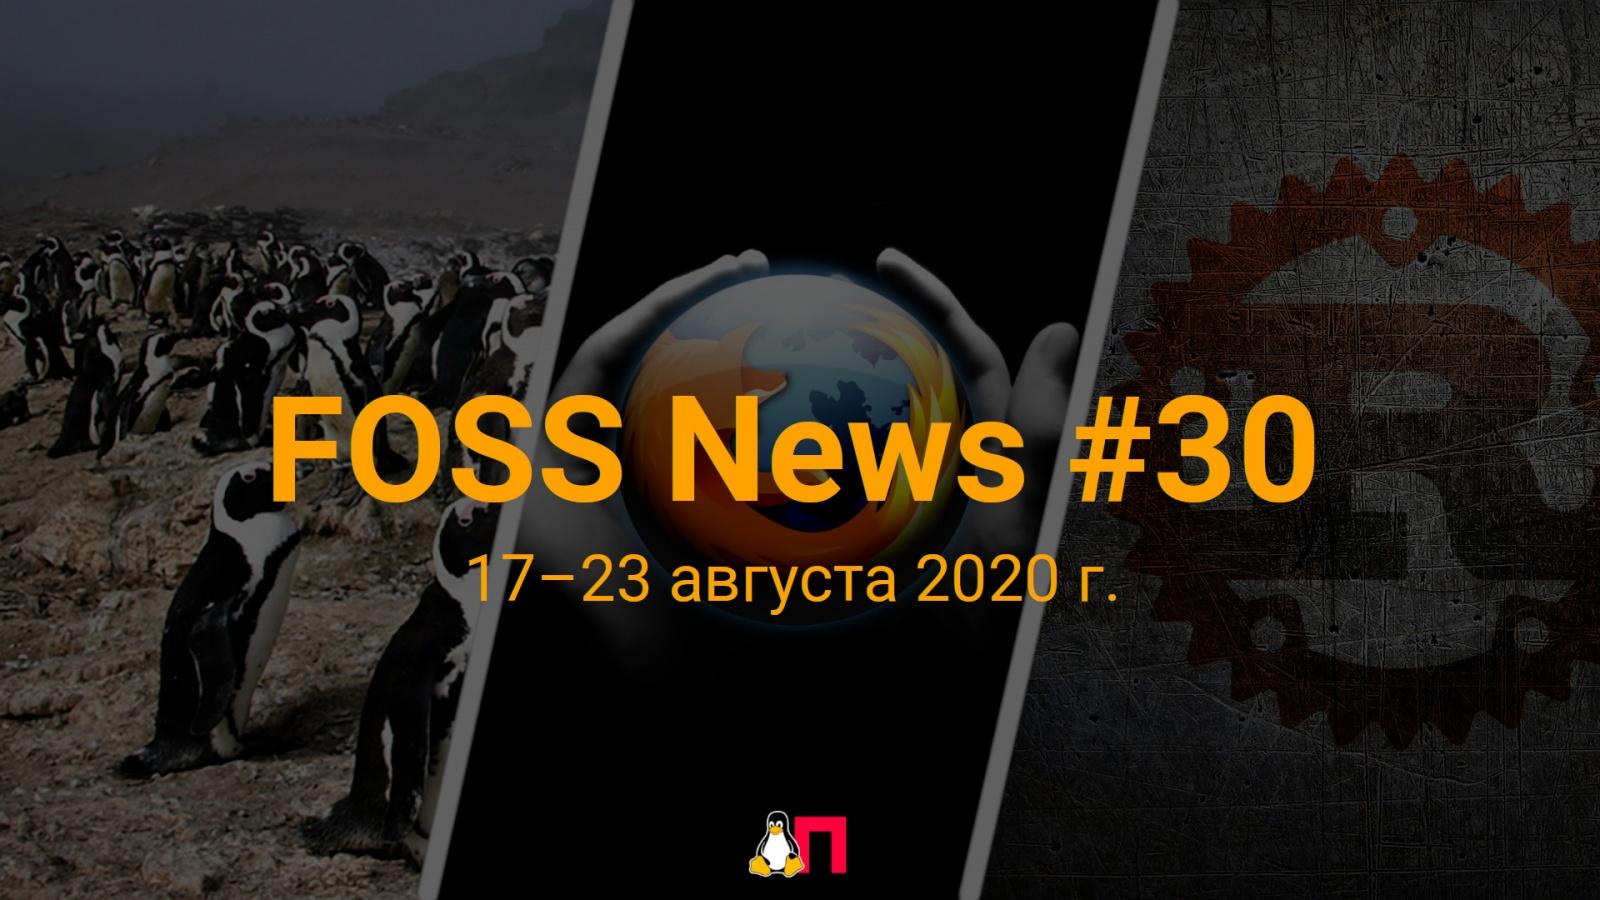 FOSS News №30 – дайджест новостей свободного и открытого ПО за 17–23 августа 2020 года - 1